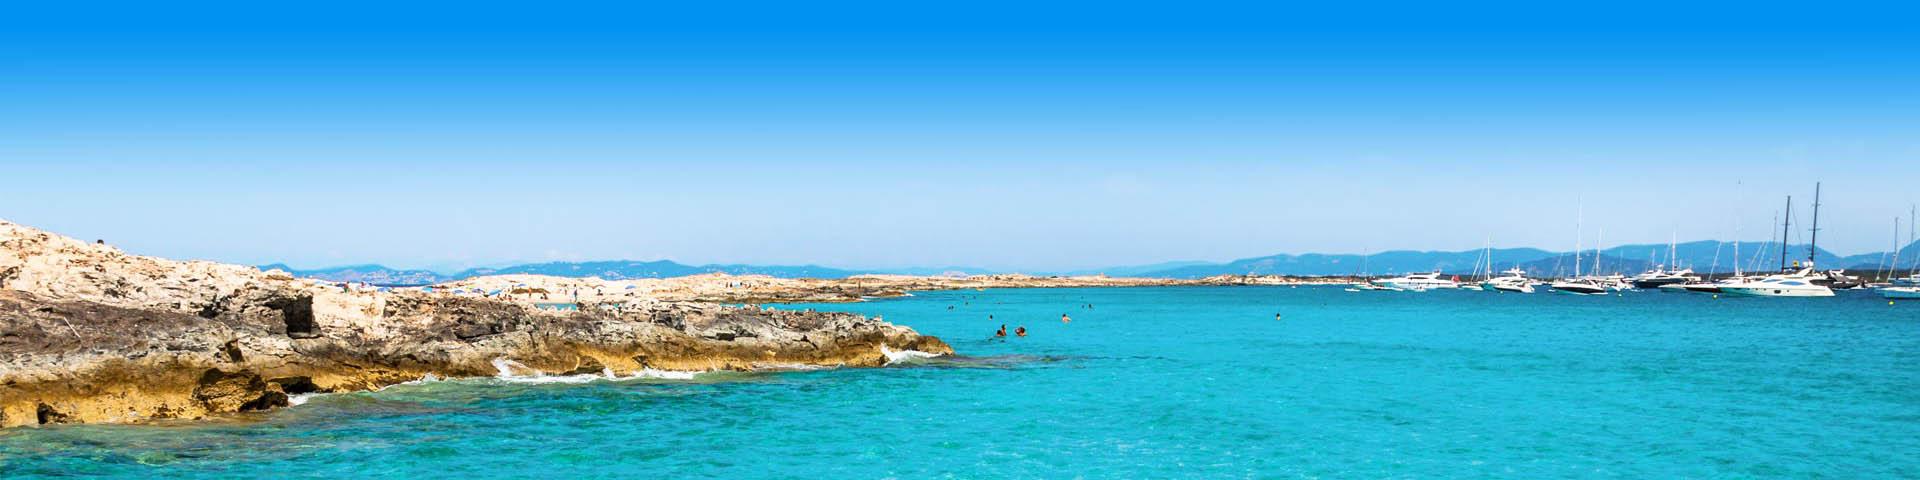 Prachtige Azuurblauwe zee met een bootje in Spanje.